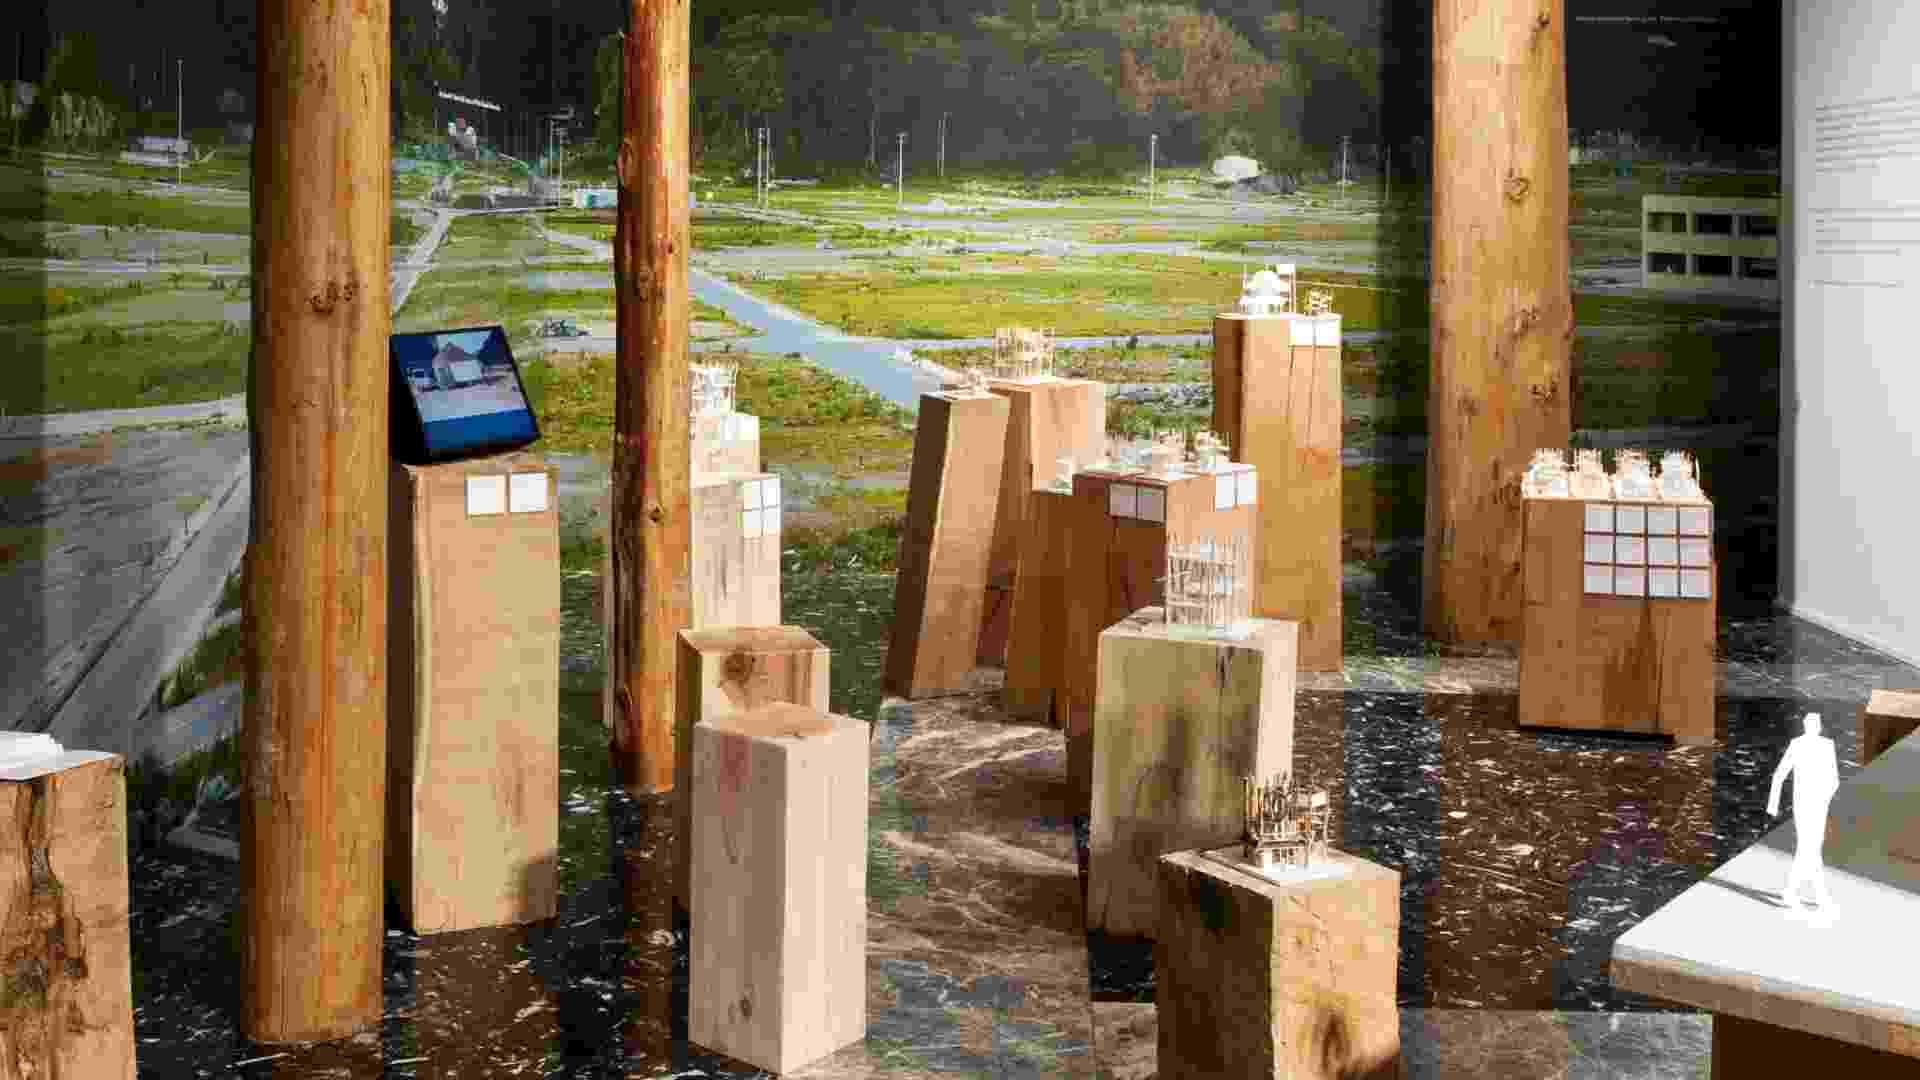 Pavilhão Japonês, 13ª Bienal de Arquitetura de Veneza (2012) (Imagem cedida para material específico, usar somente no respectivo conteúdo) - Francesco Galli/ Cortesia la Biennale di Venezia/ Divulgação